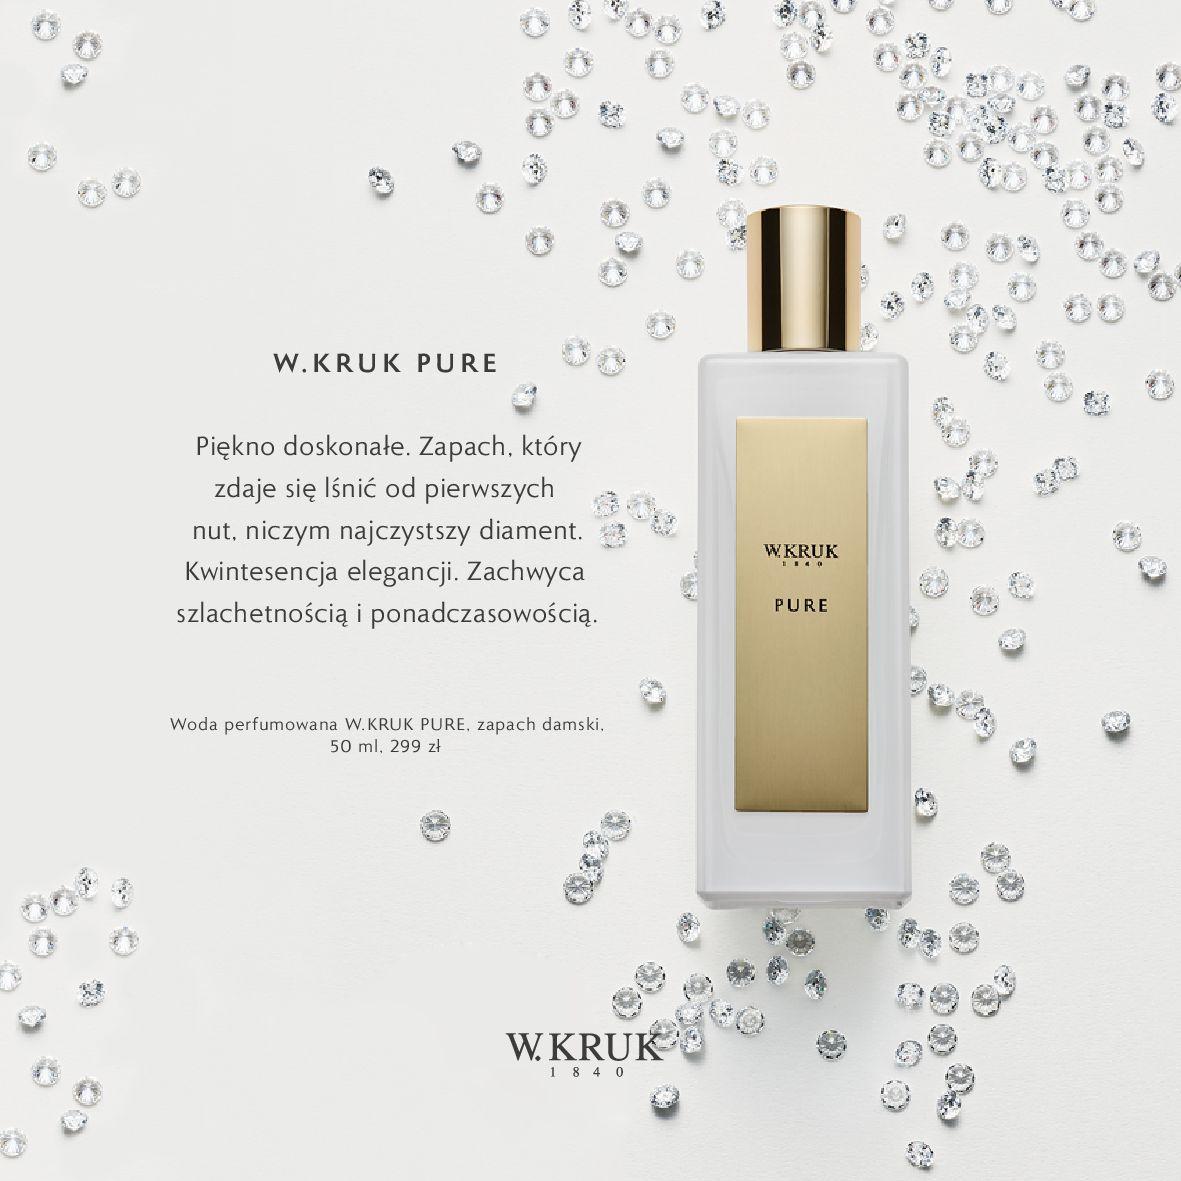 Gazetka W. KRUK: Katalog - Perfumy 2021-02-17 page-6